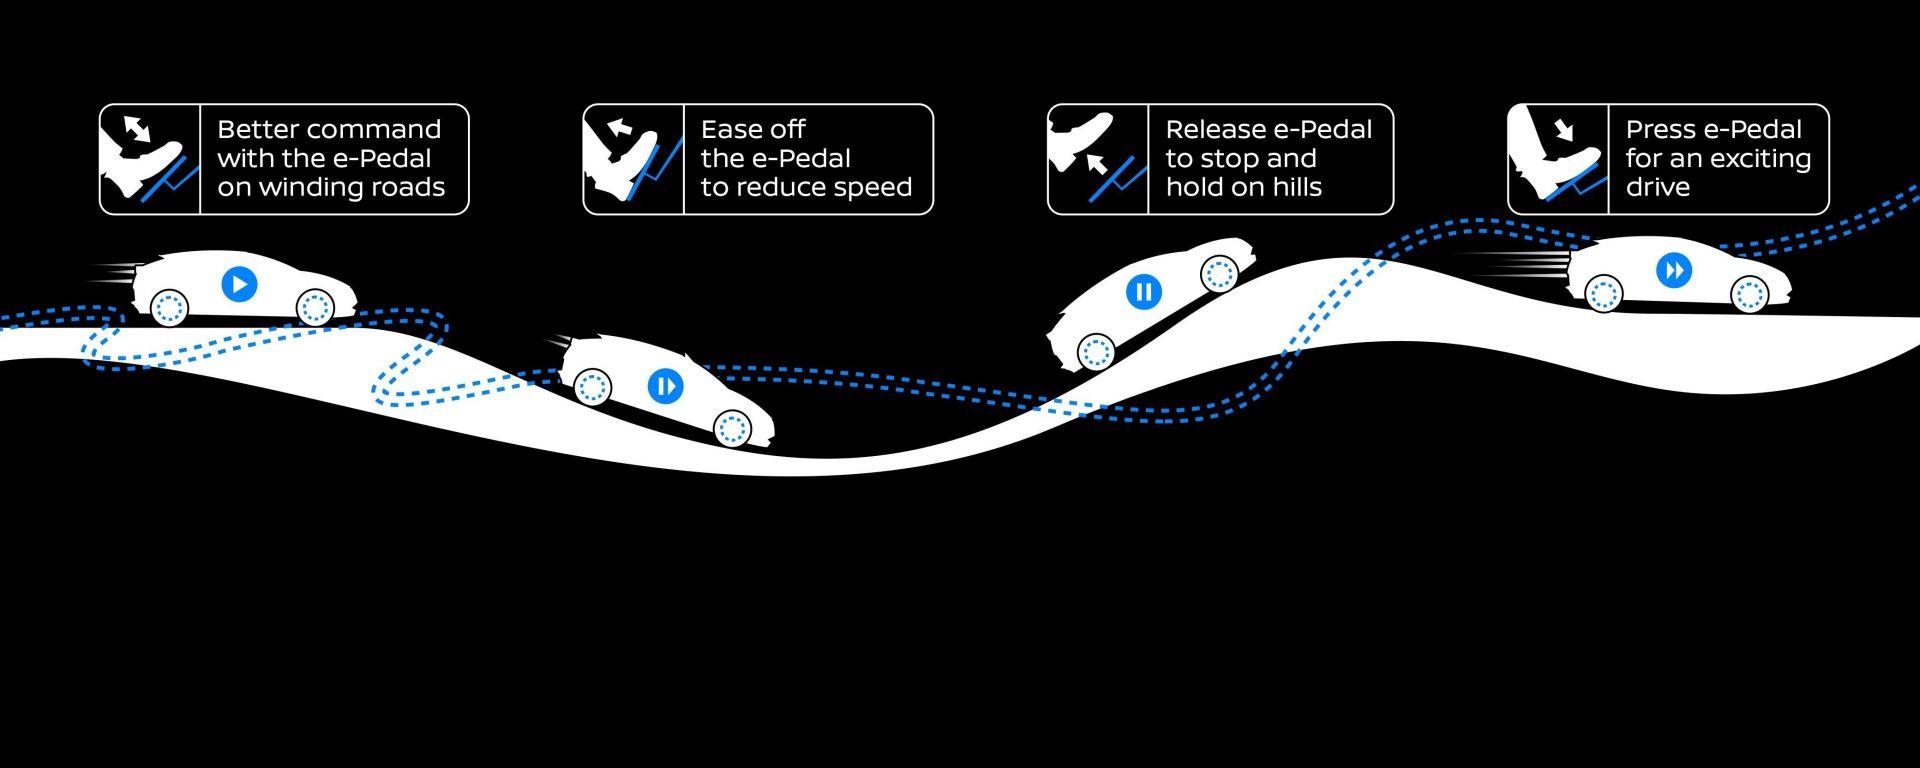 Nissan Leaf: come funziona e-Pedal